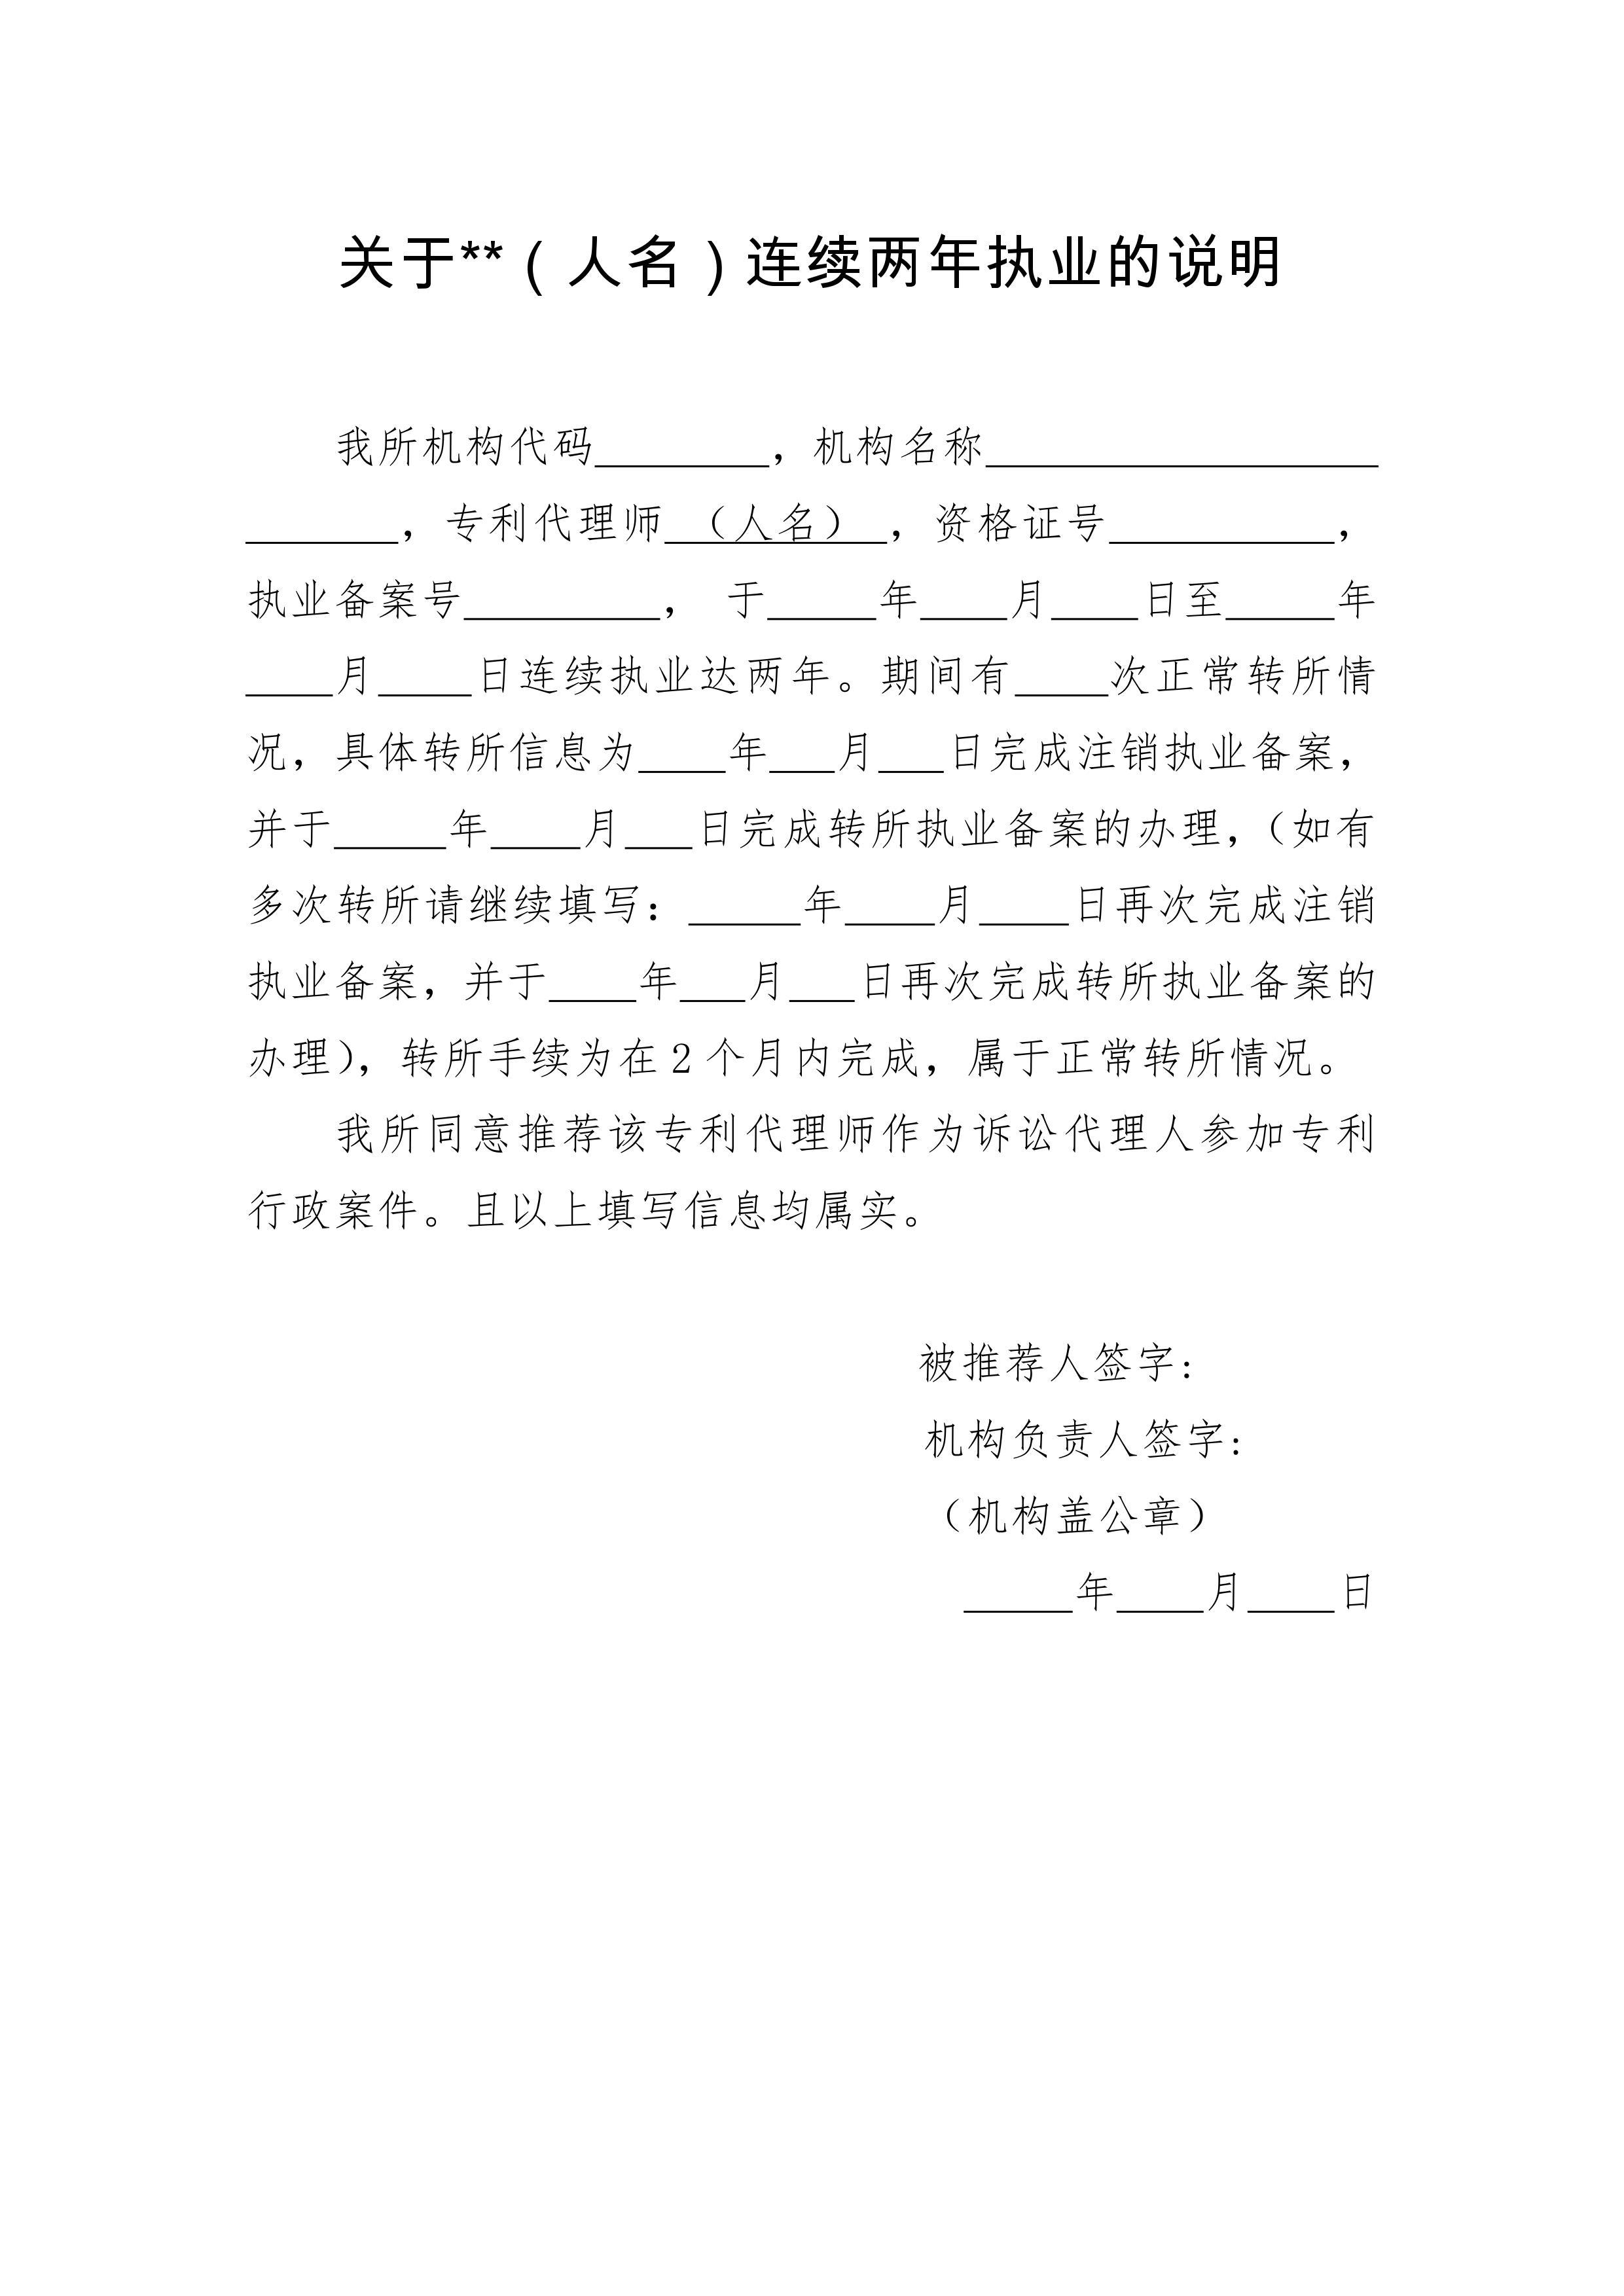 通知!推荐专利代理师作为诉讼代理人参加专利行政案件信息采集申报